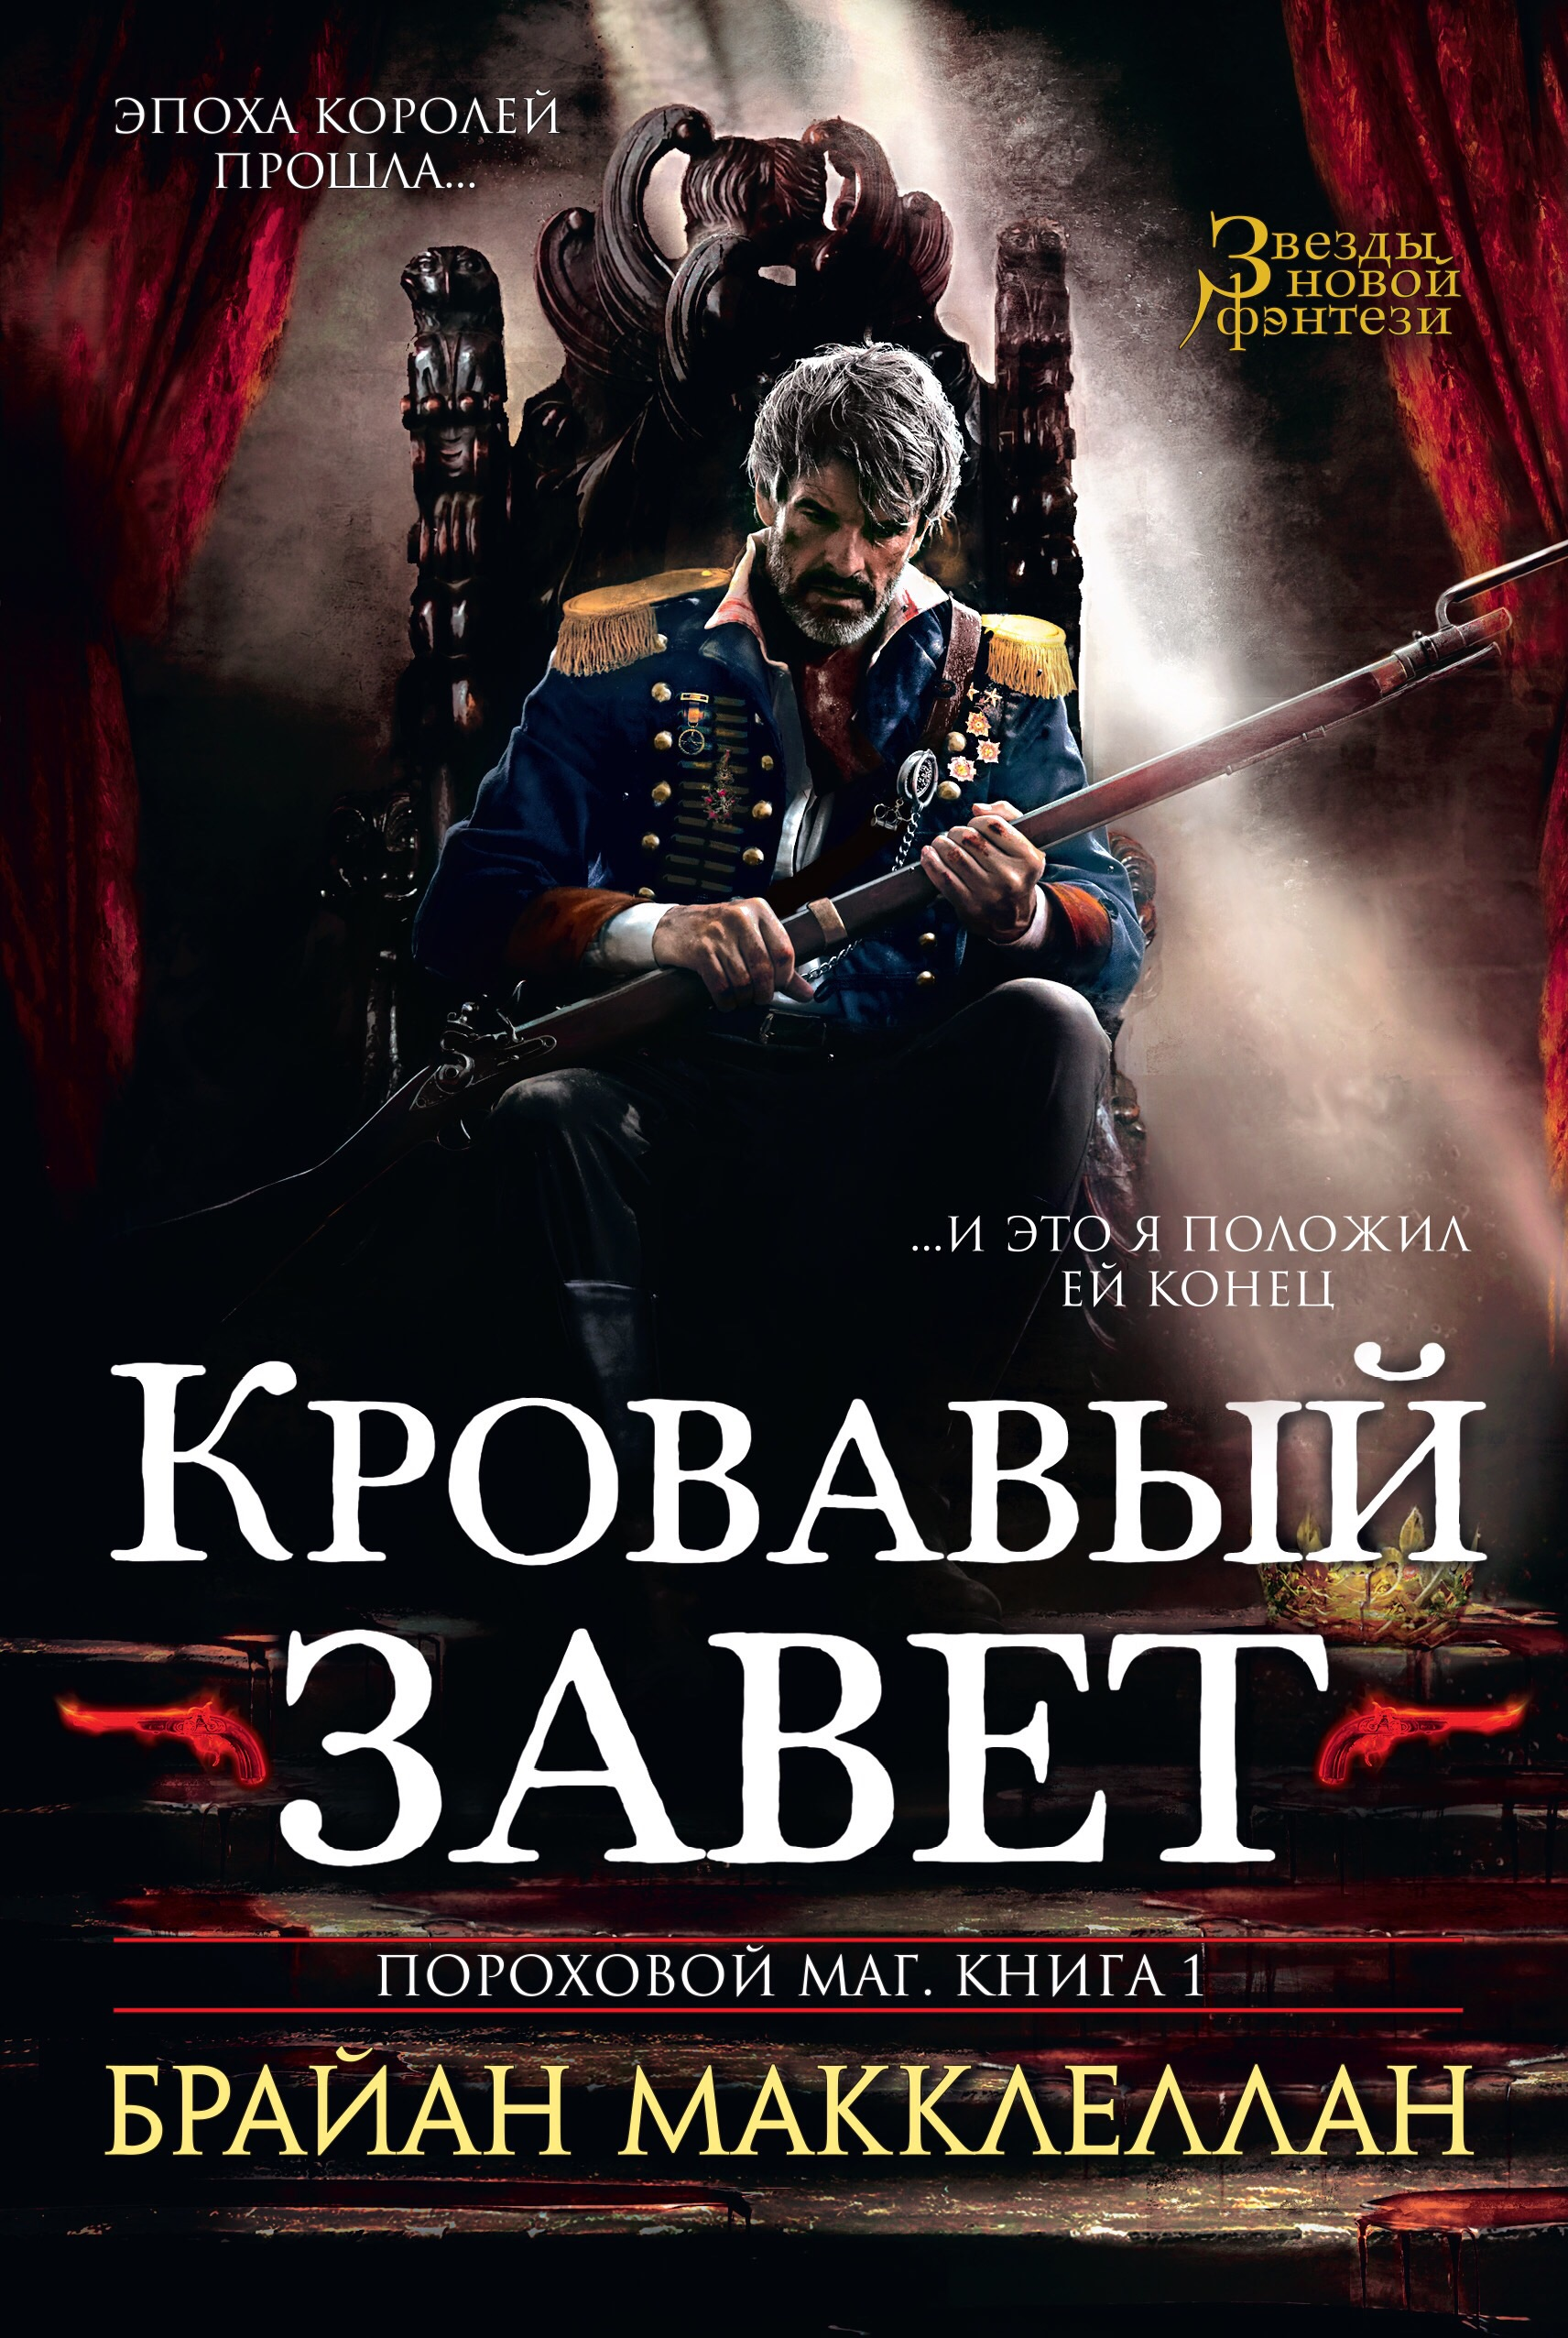 Брайан Макклеллан — Кровавый завет (2013)